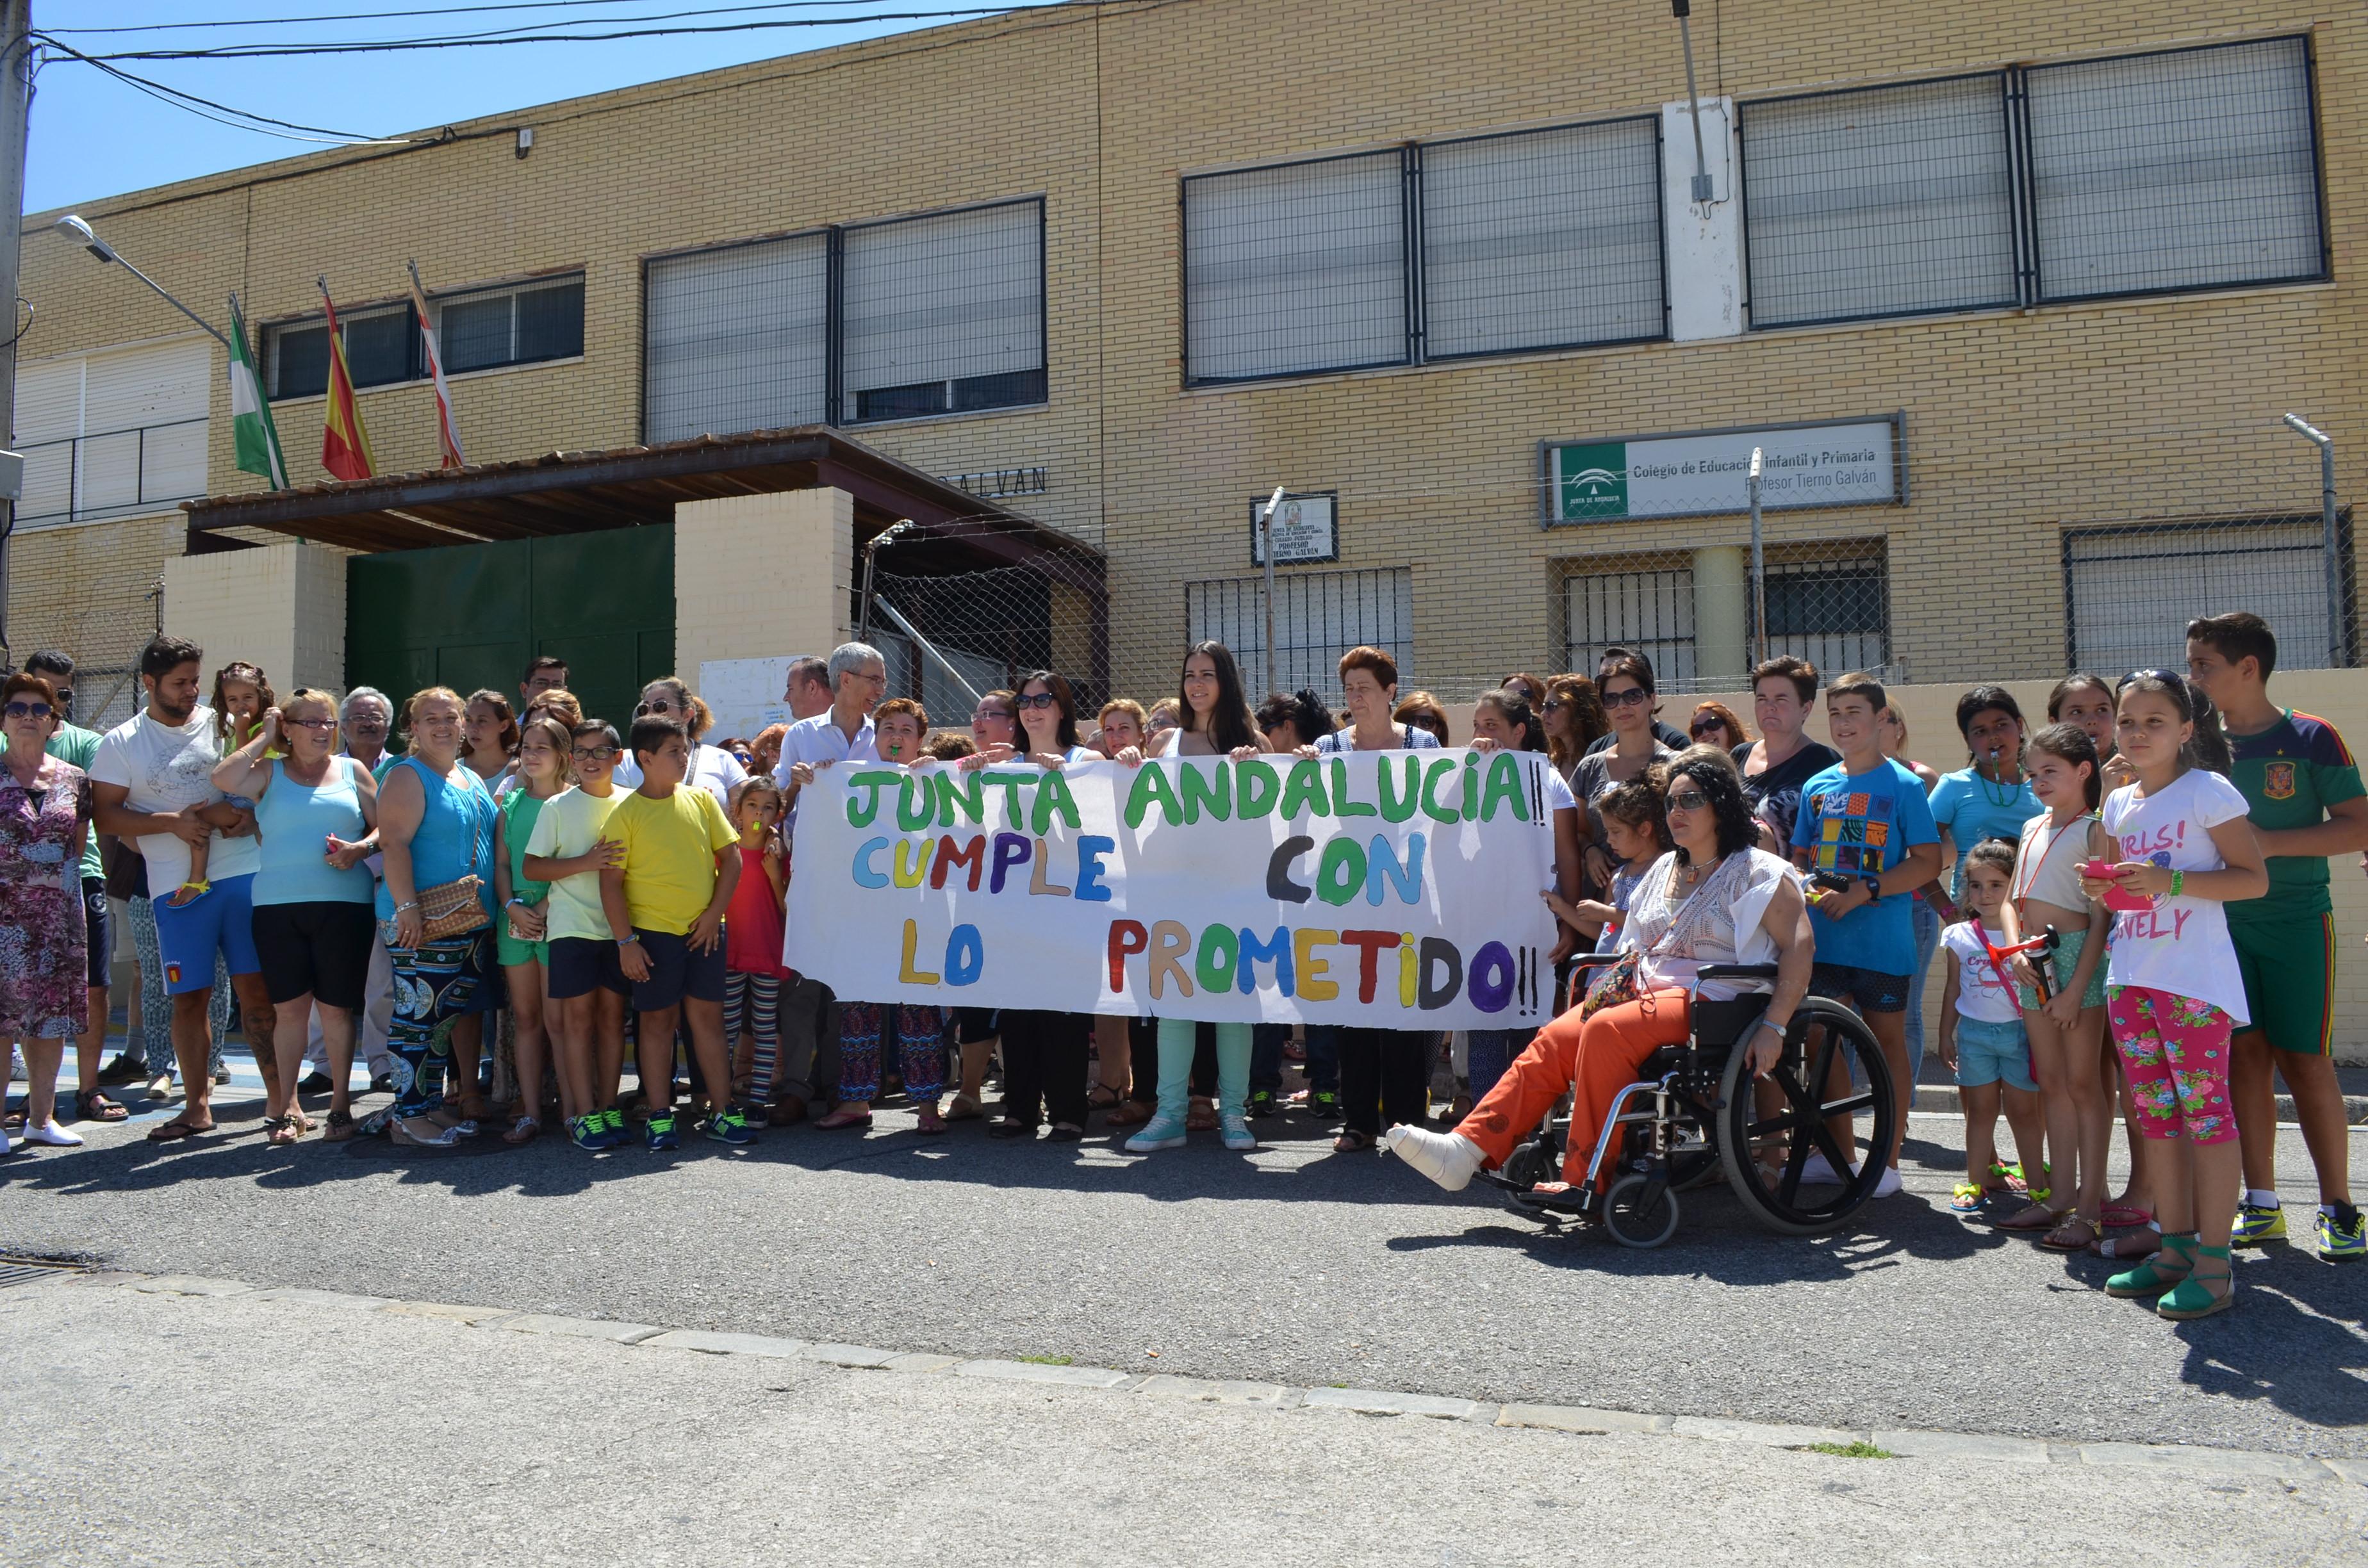 La comunidad educativa se manifestó reiteradas veces ante las puertas del colegio. Foto: S. C.